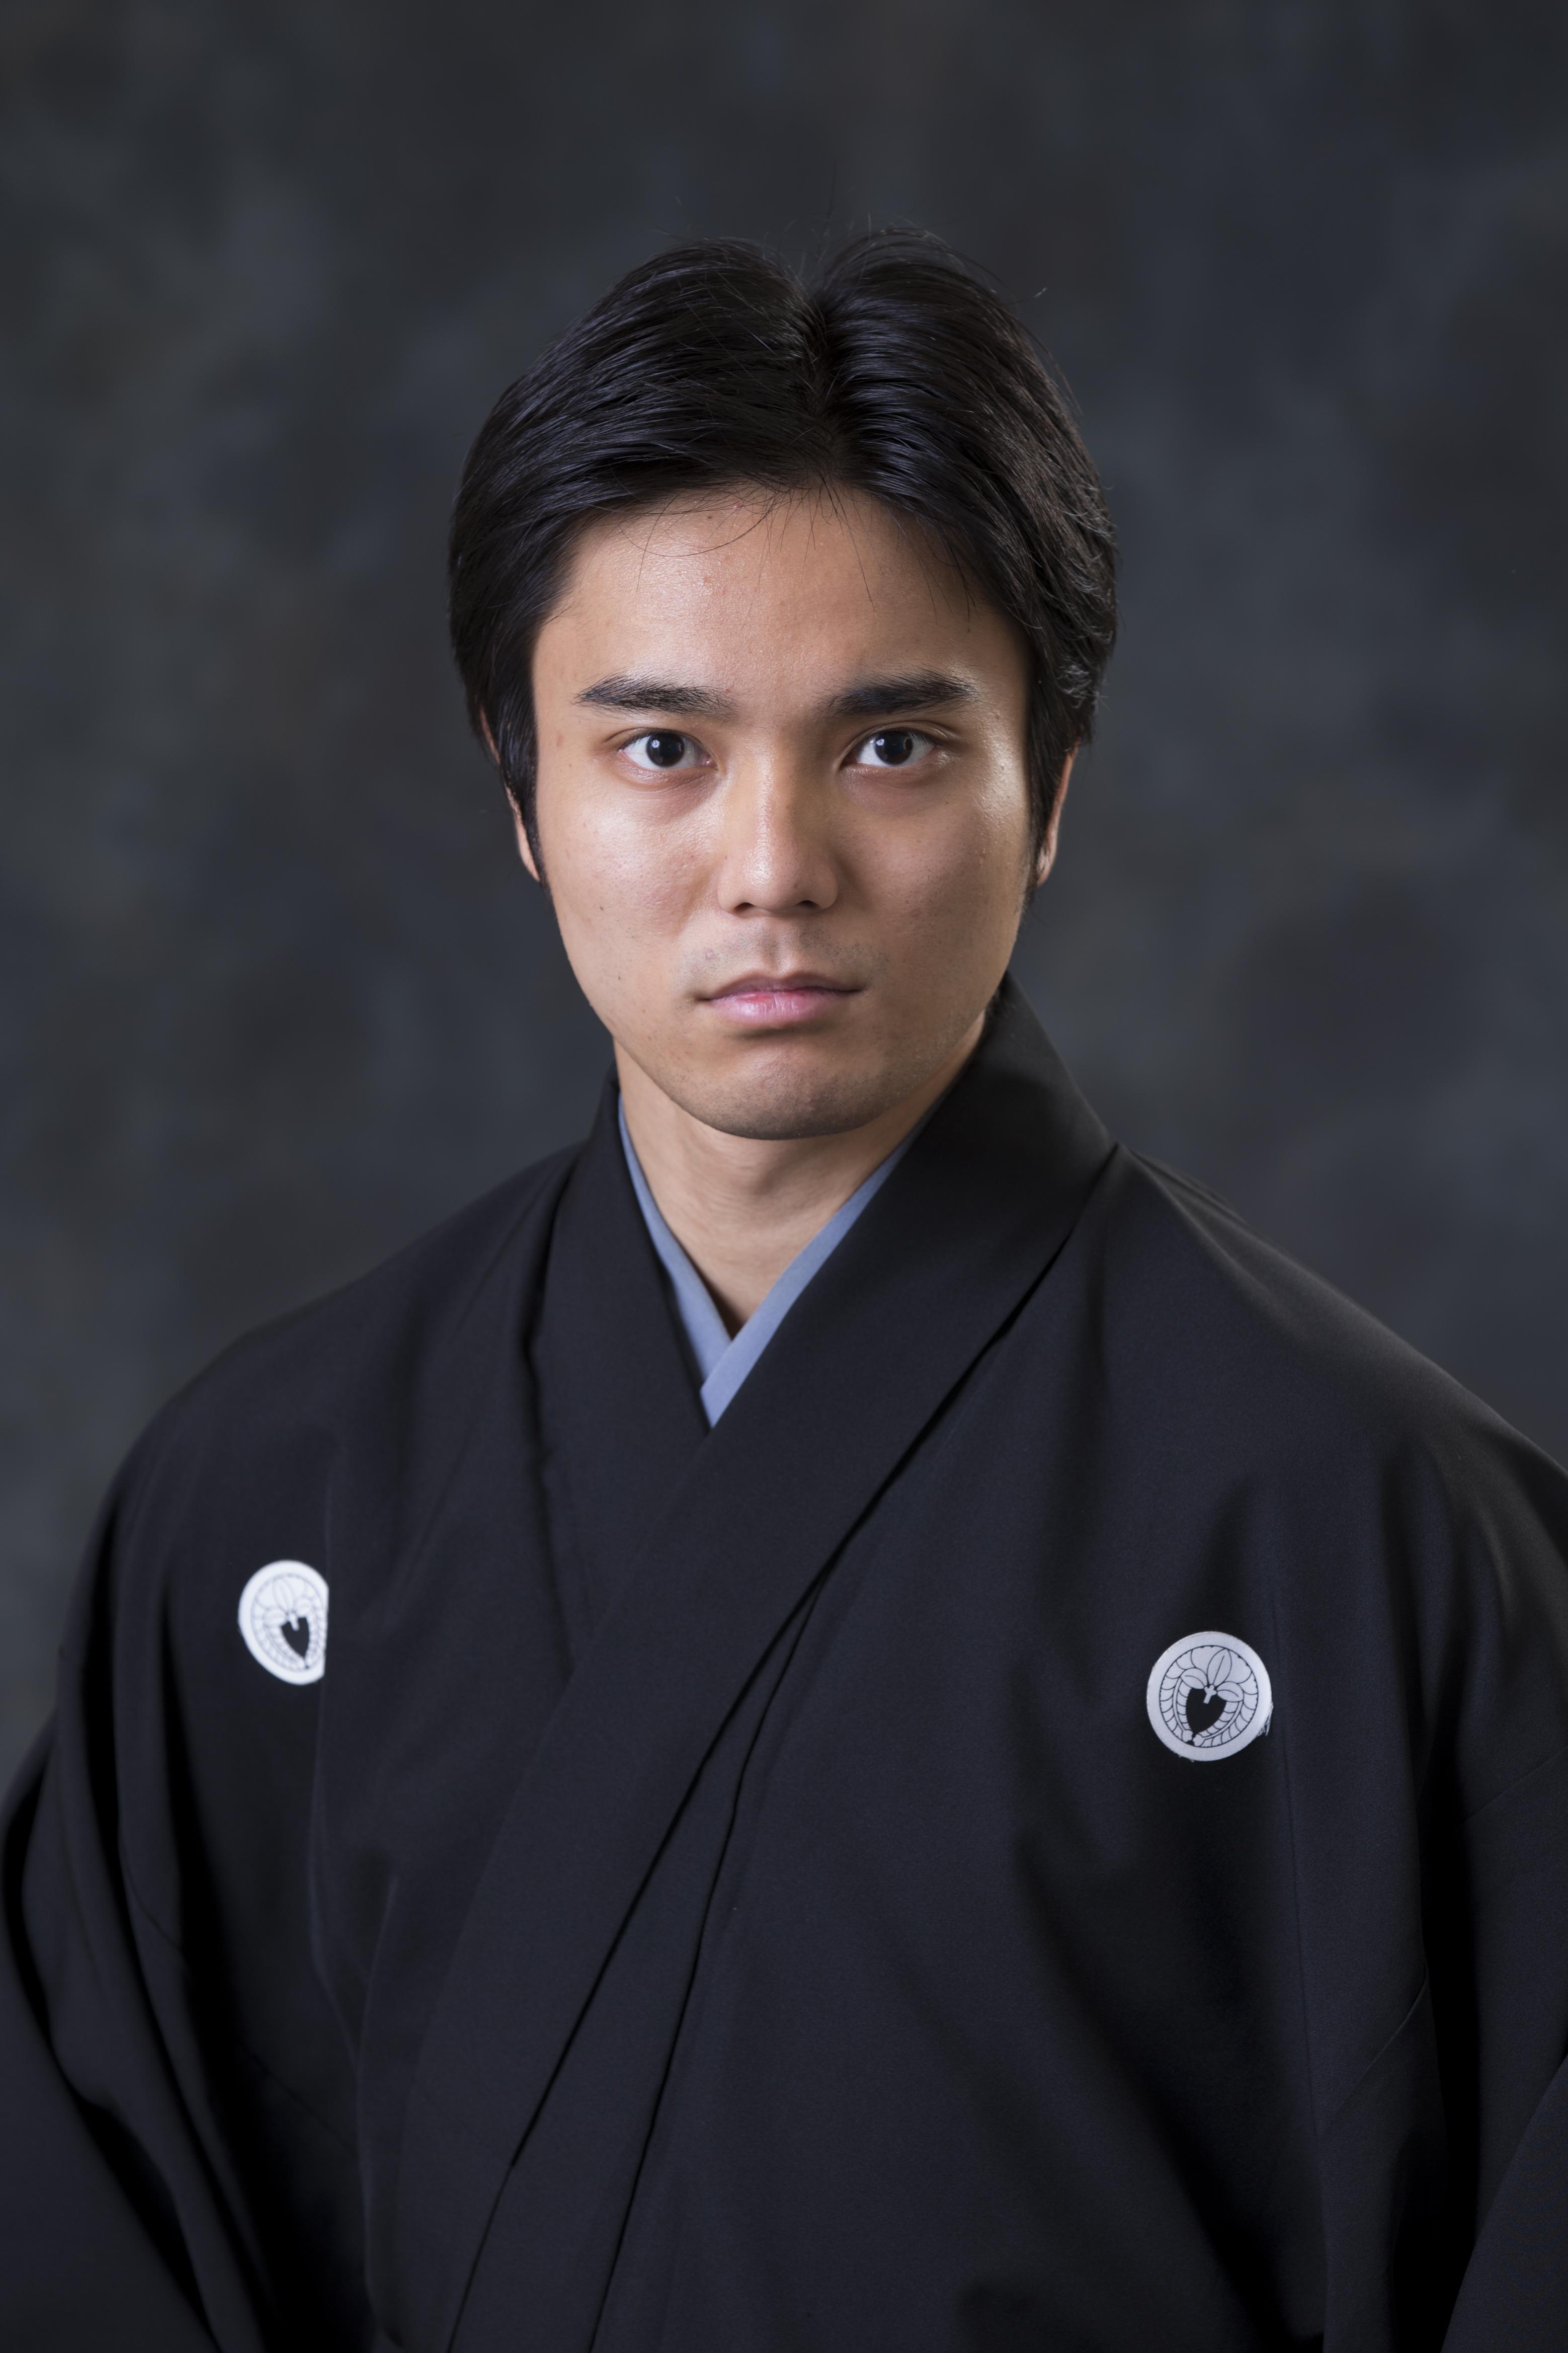 飯田 豪照片